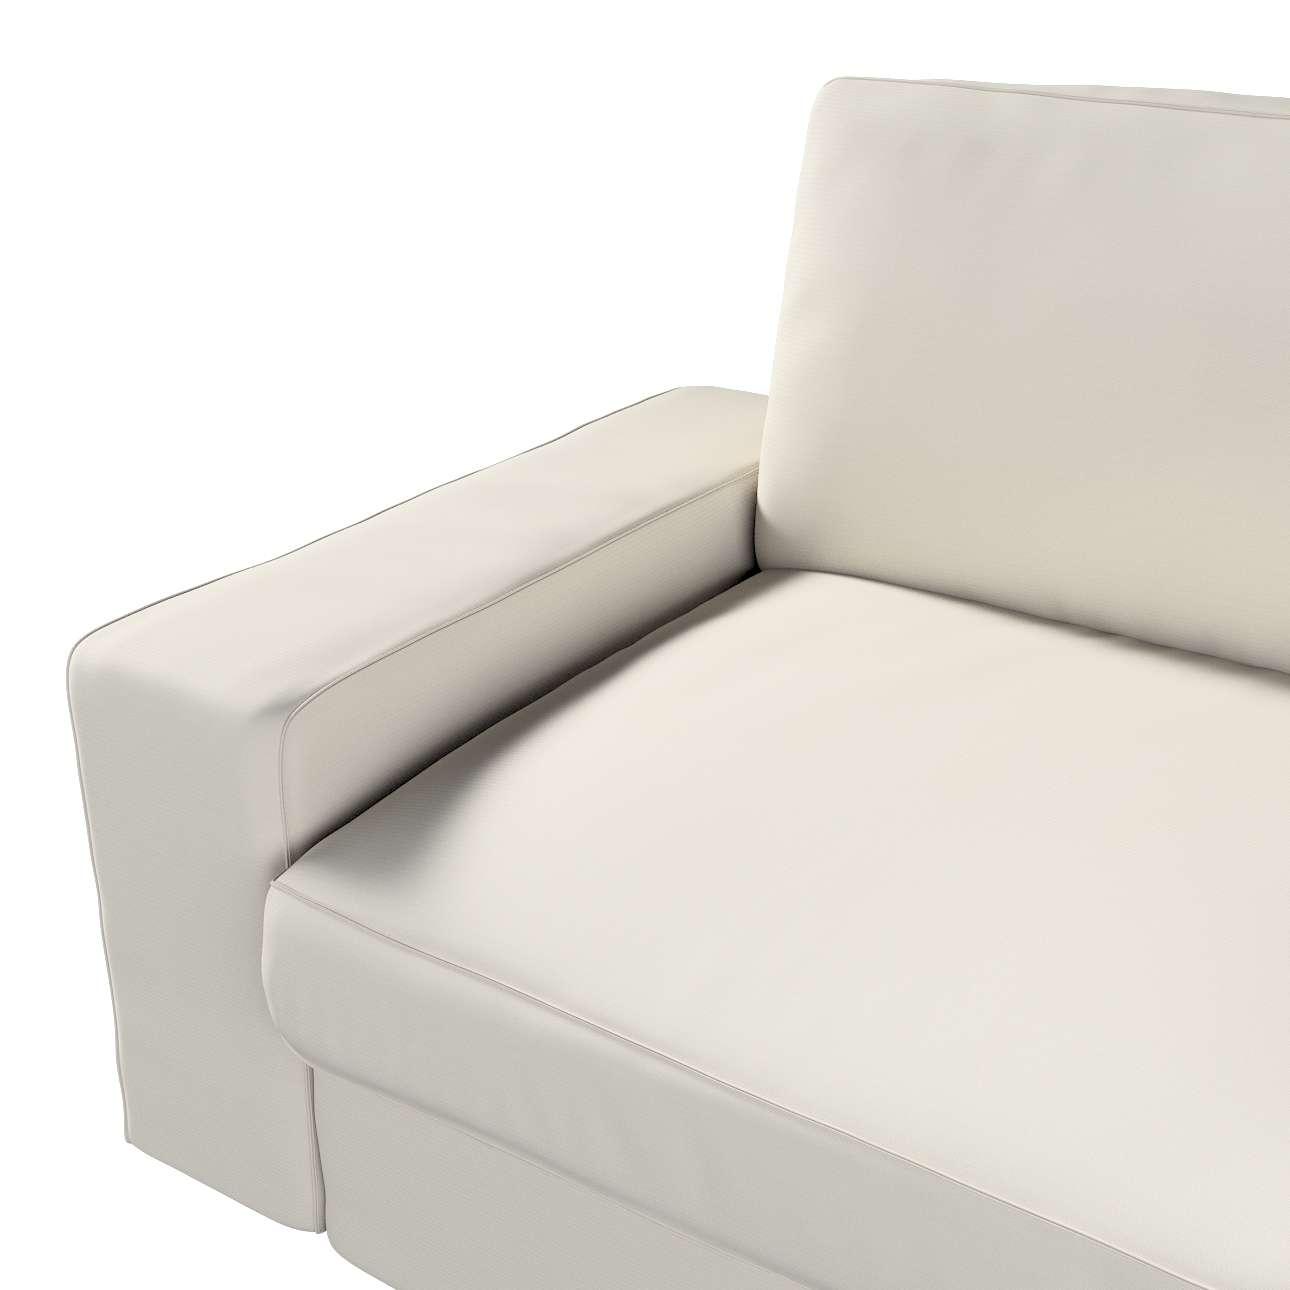 Bezug für Kivik 3-er Bettsofa von der Kollektion Cotton Panama, Stoff: 702-31